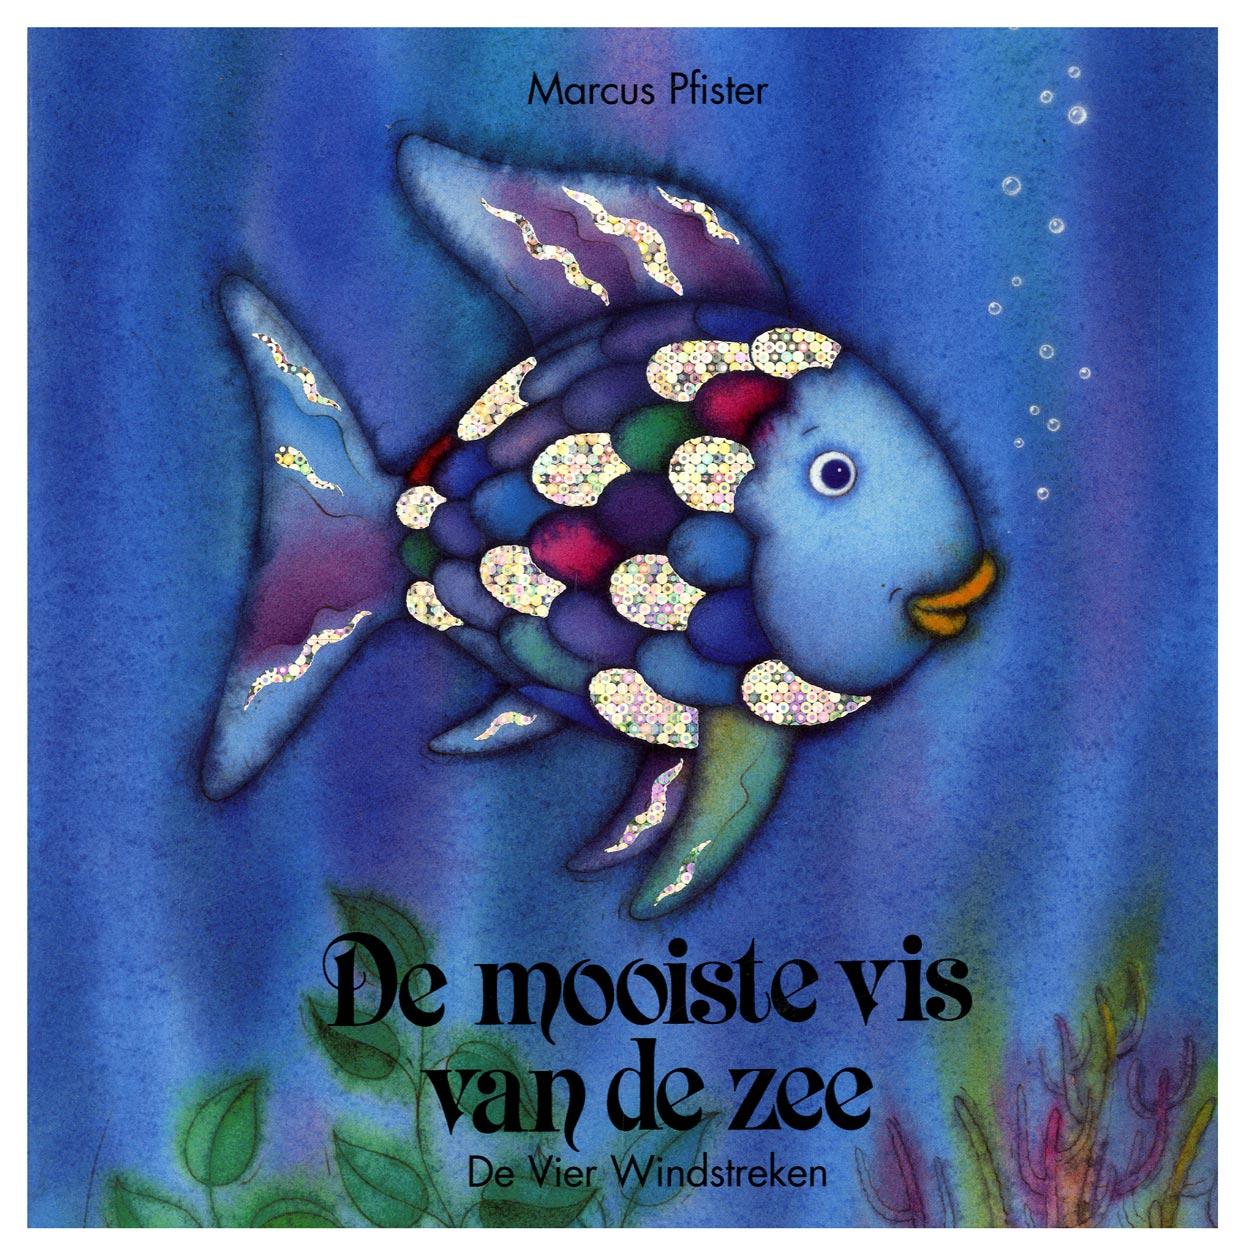 boeken-die-ik-als-kind-las-de-mooiste-vis-van-de-zee